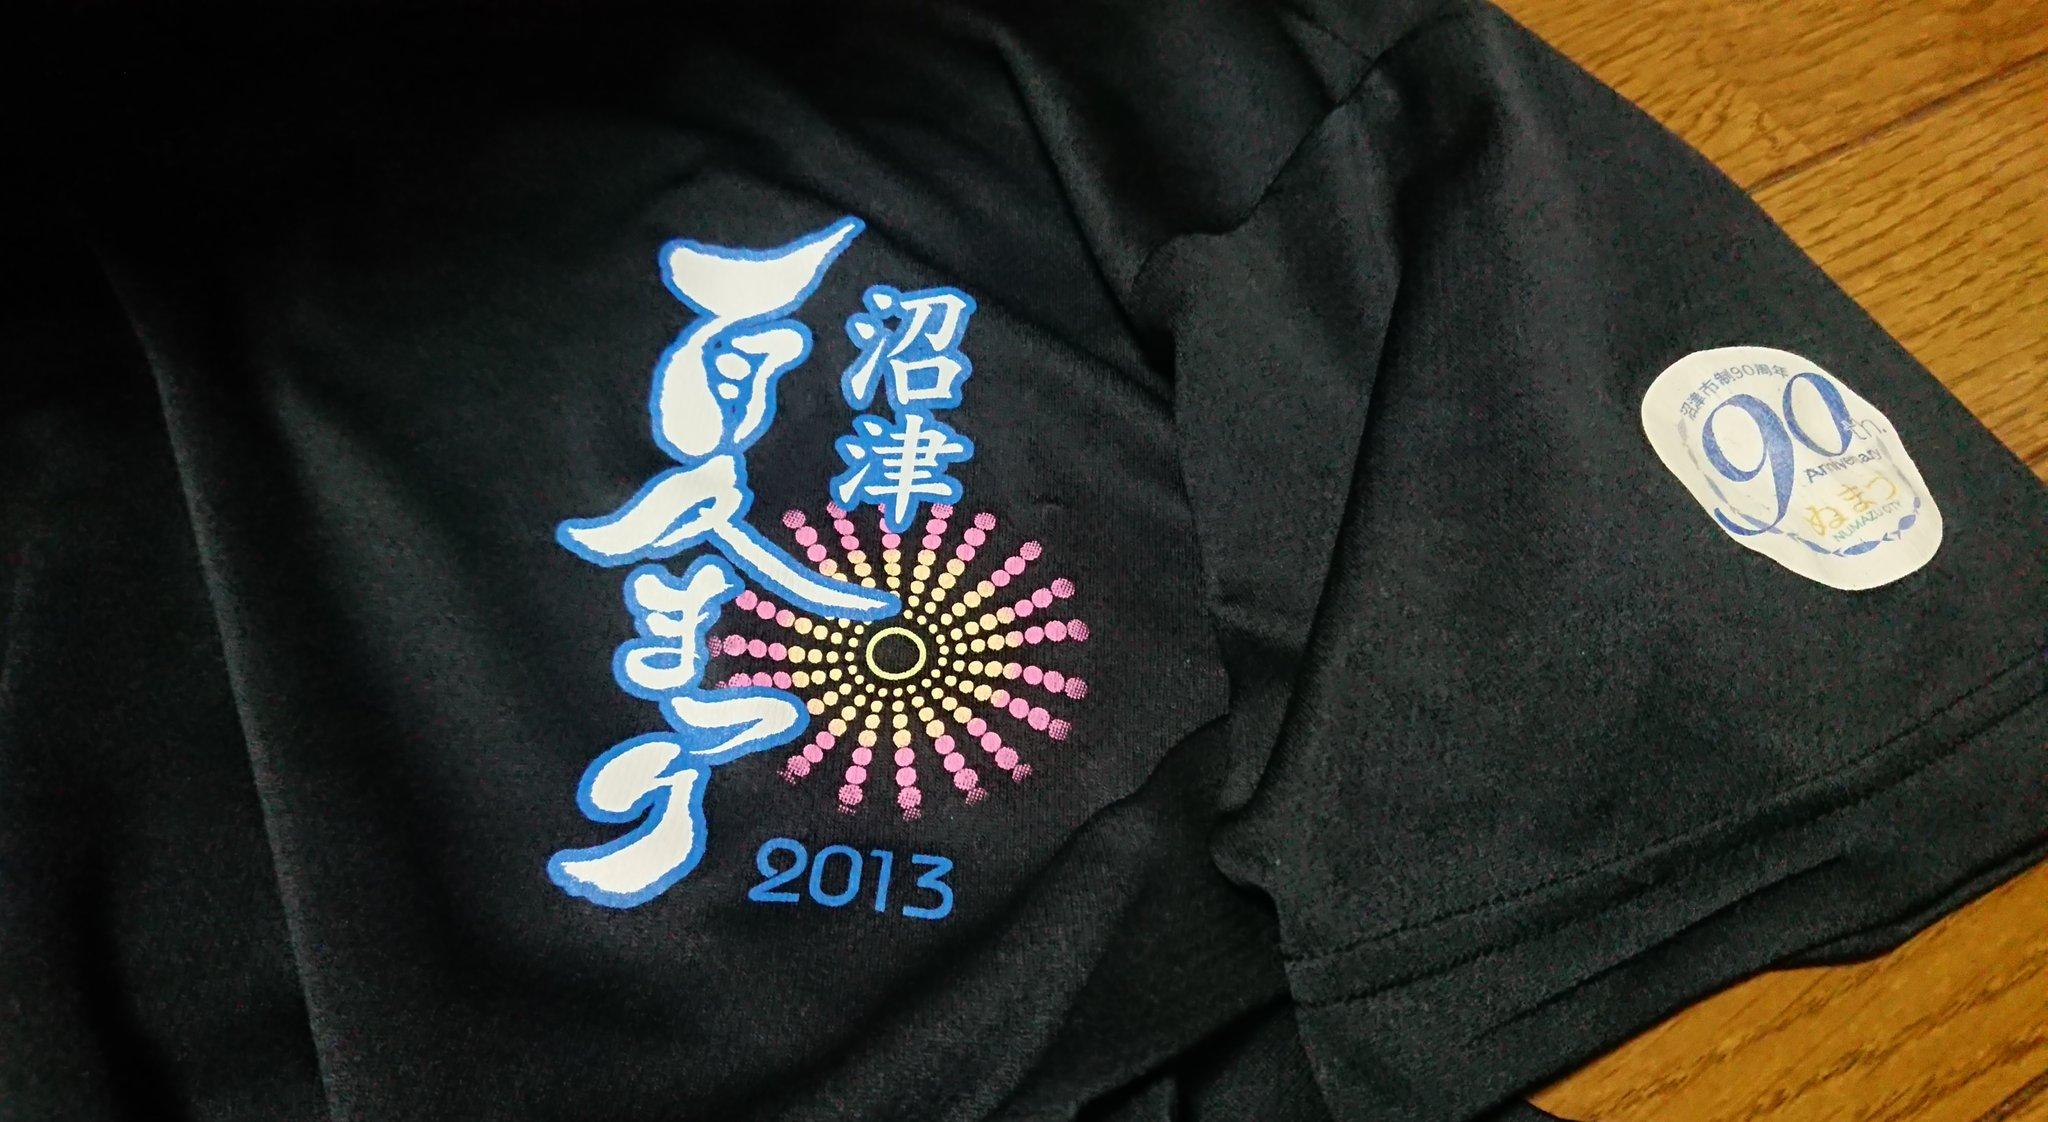 沼津夏まつり・狩野川花火大会は中止でもラブライブのポスターは健在だった!